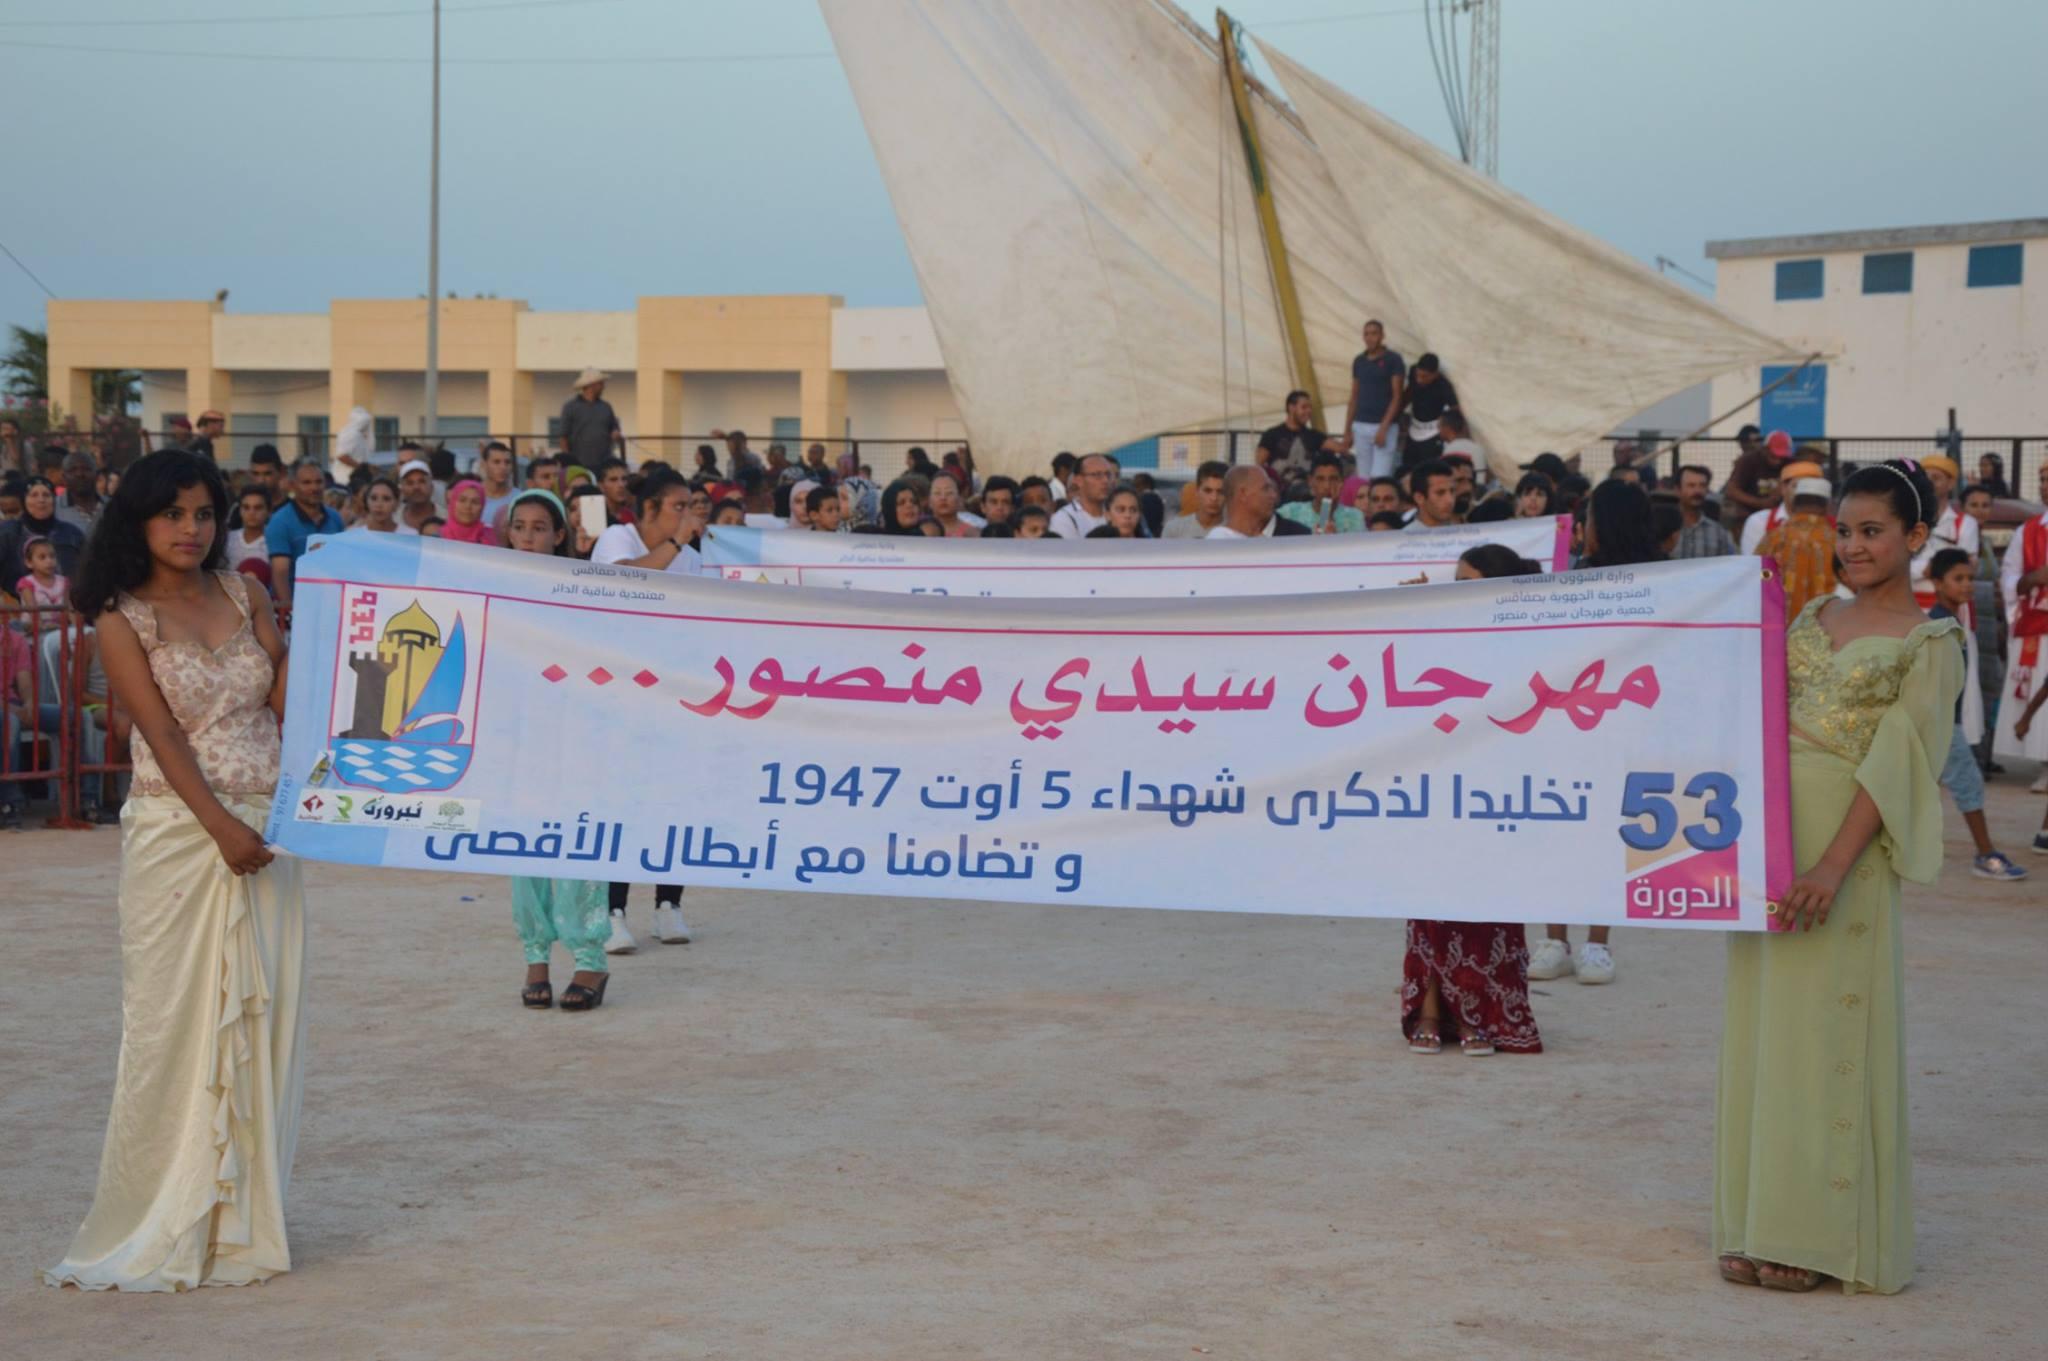 صفاقس : افتتاح الدورة 53 لمهرجان سيدي منصور